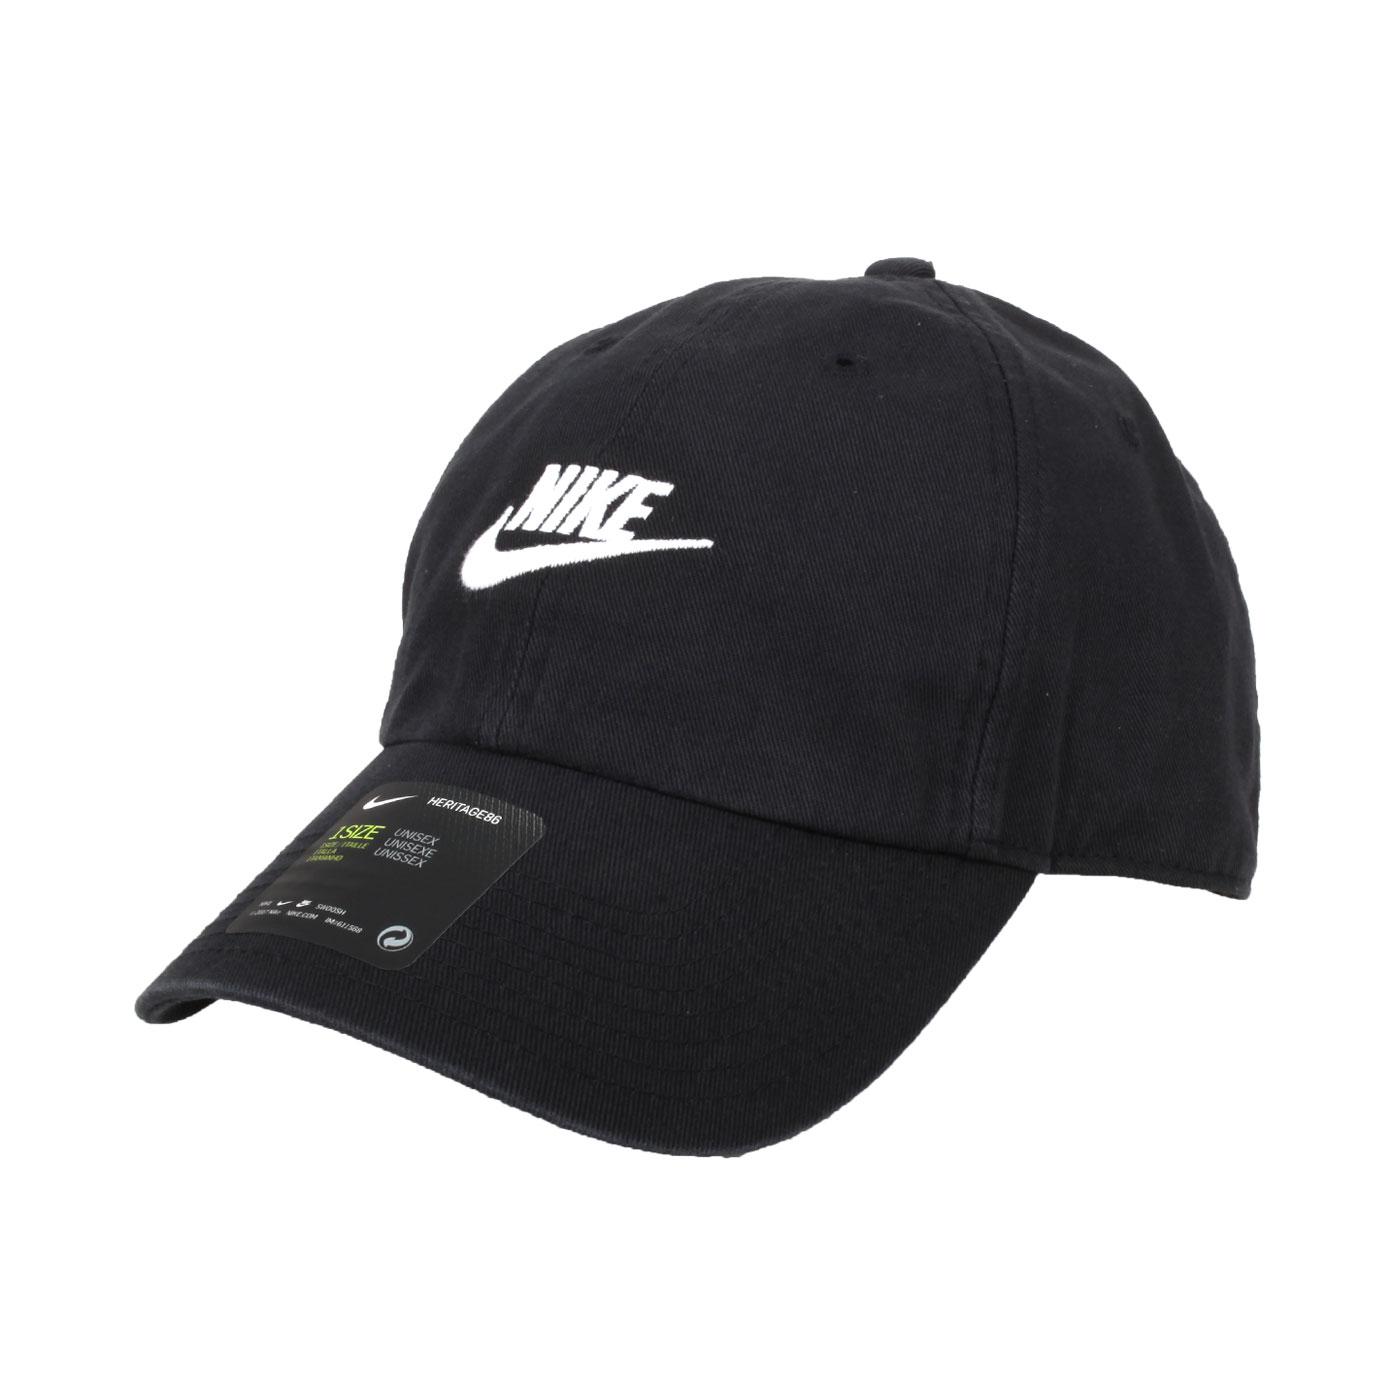 NIKE 帽子 913011-010 - 黑白